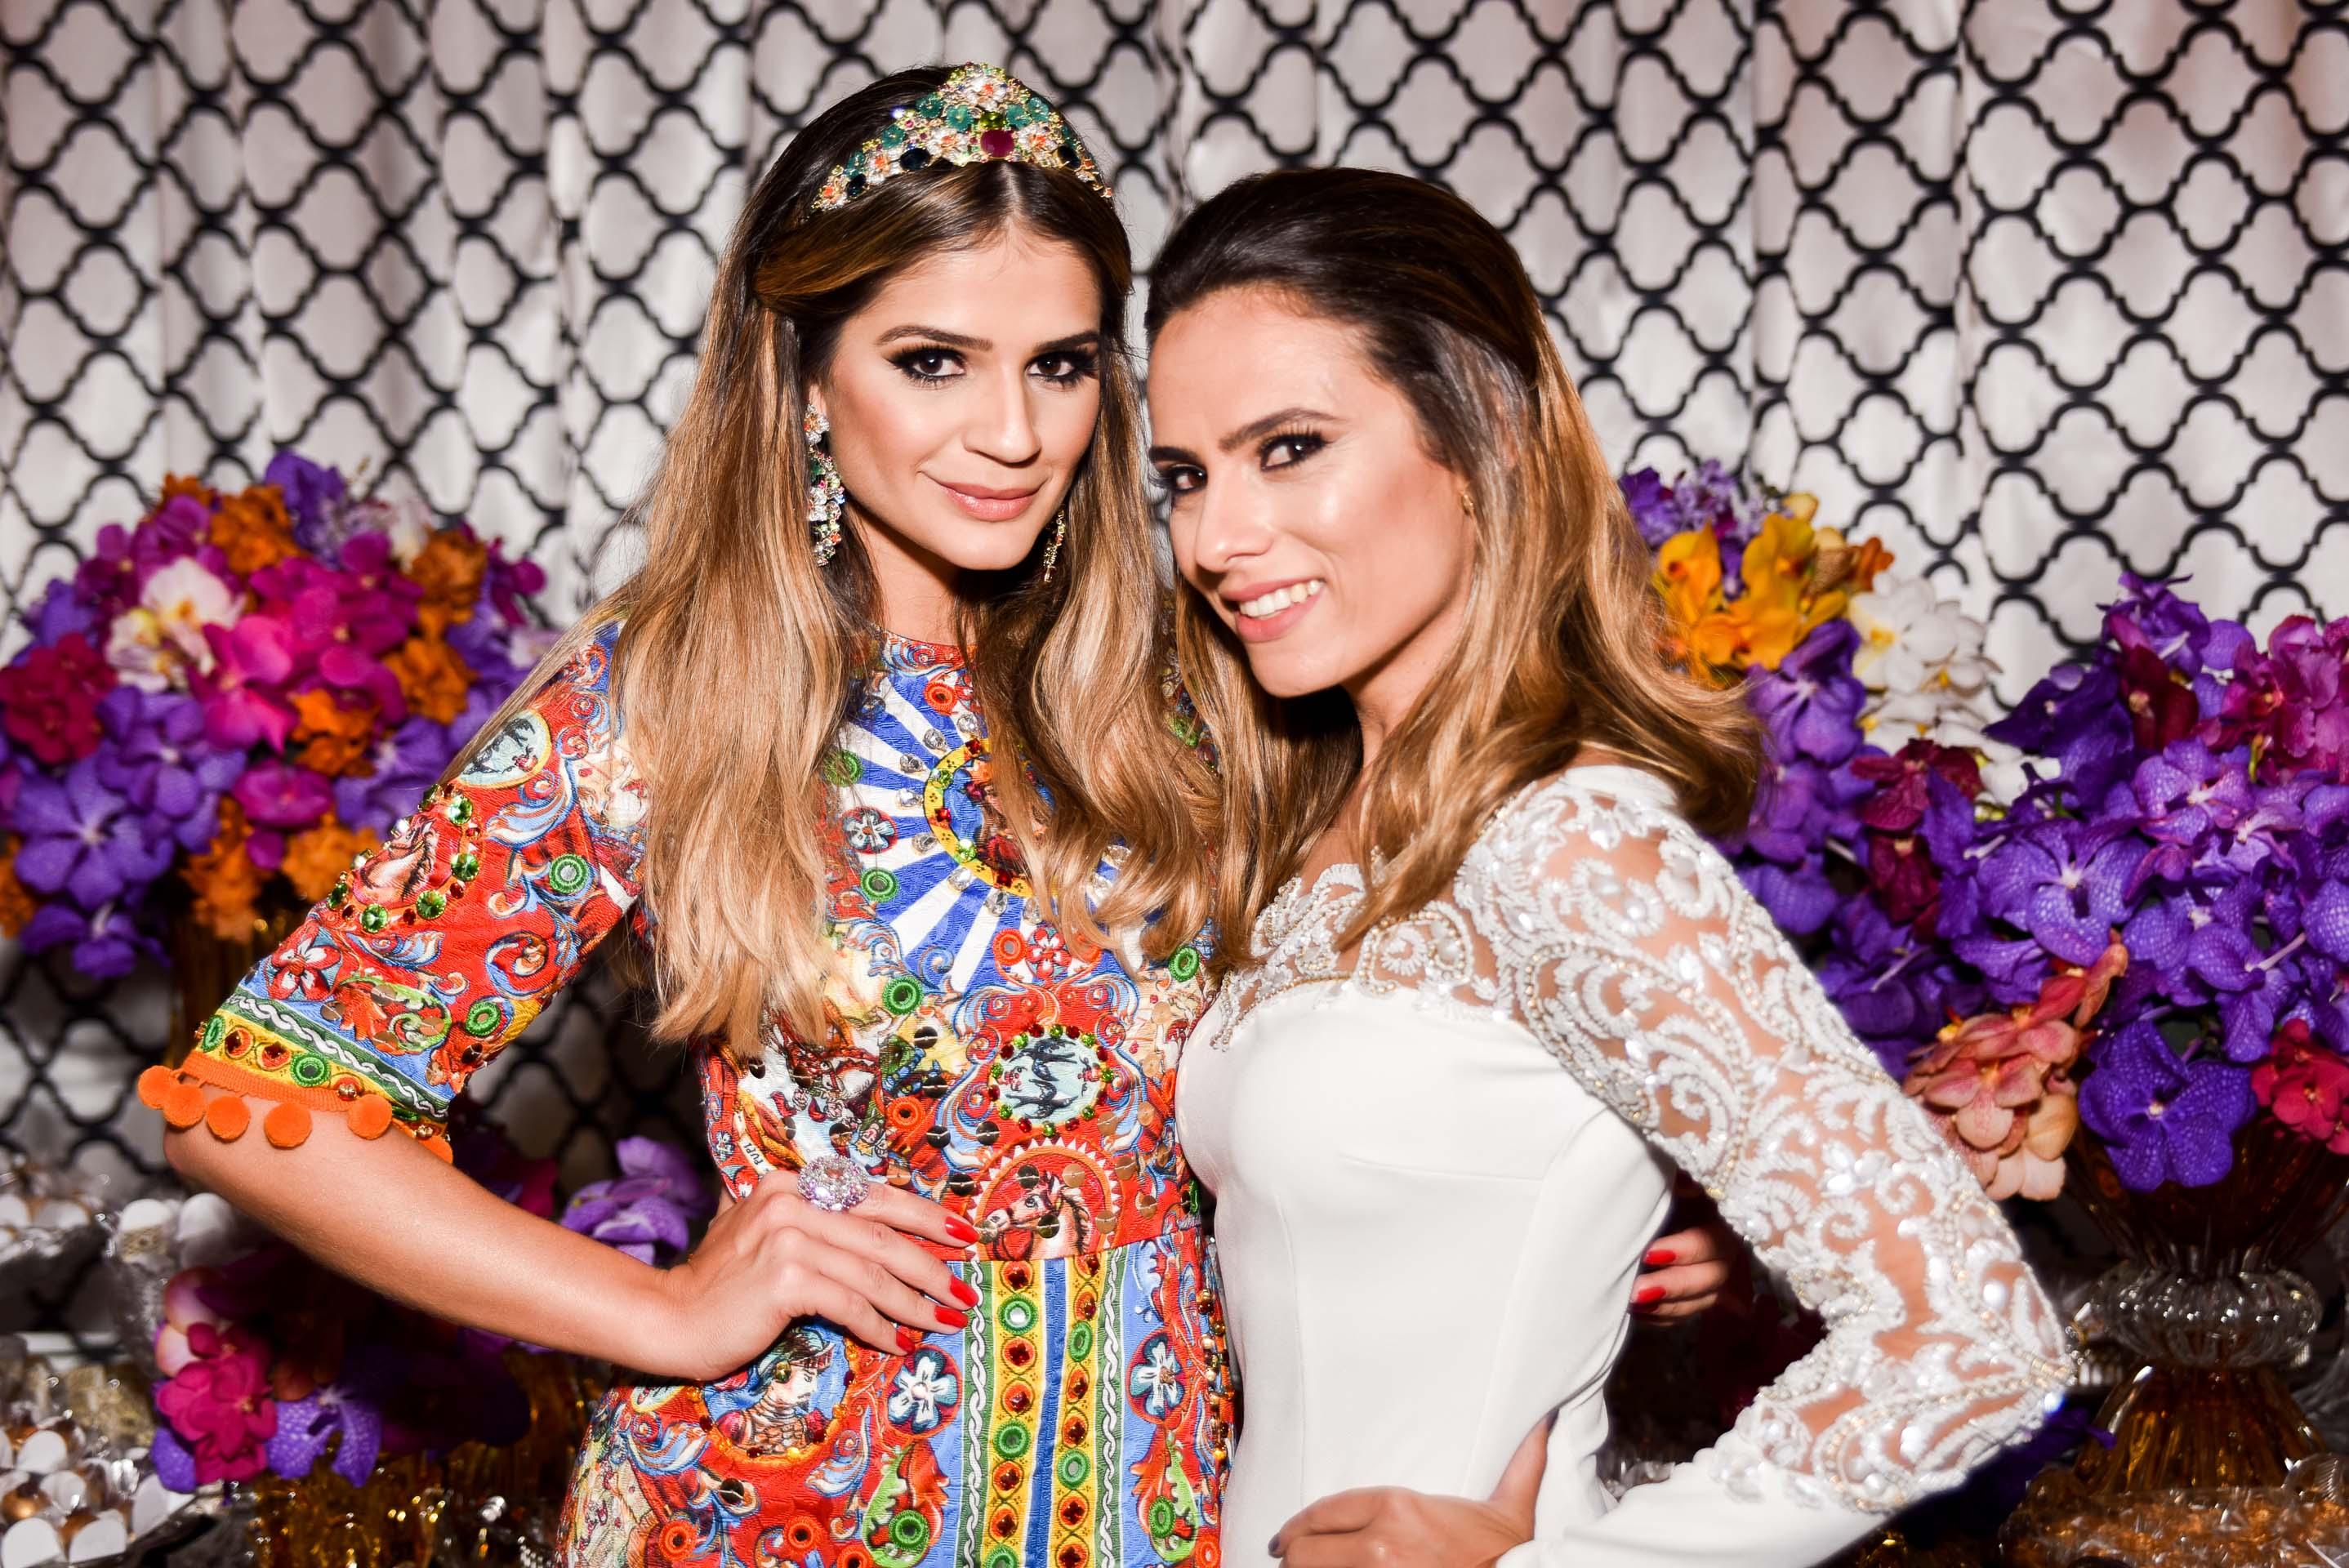 Thassia Naves e Patricia Bonaldi - Crédito: RhaiffeOrtiz/Divulgação